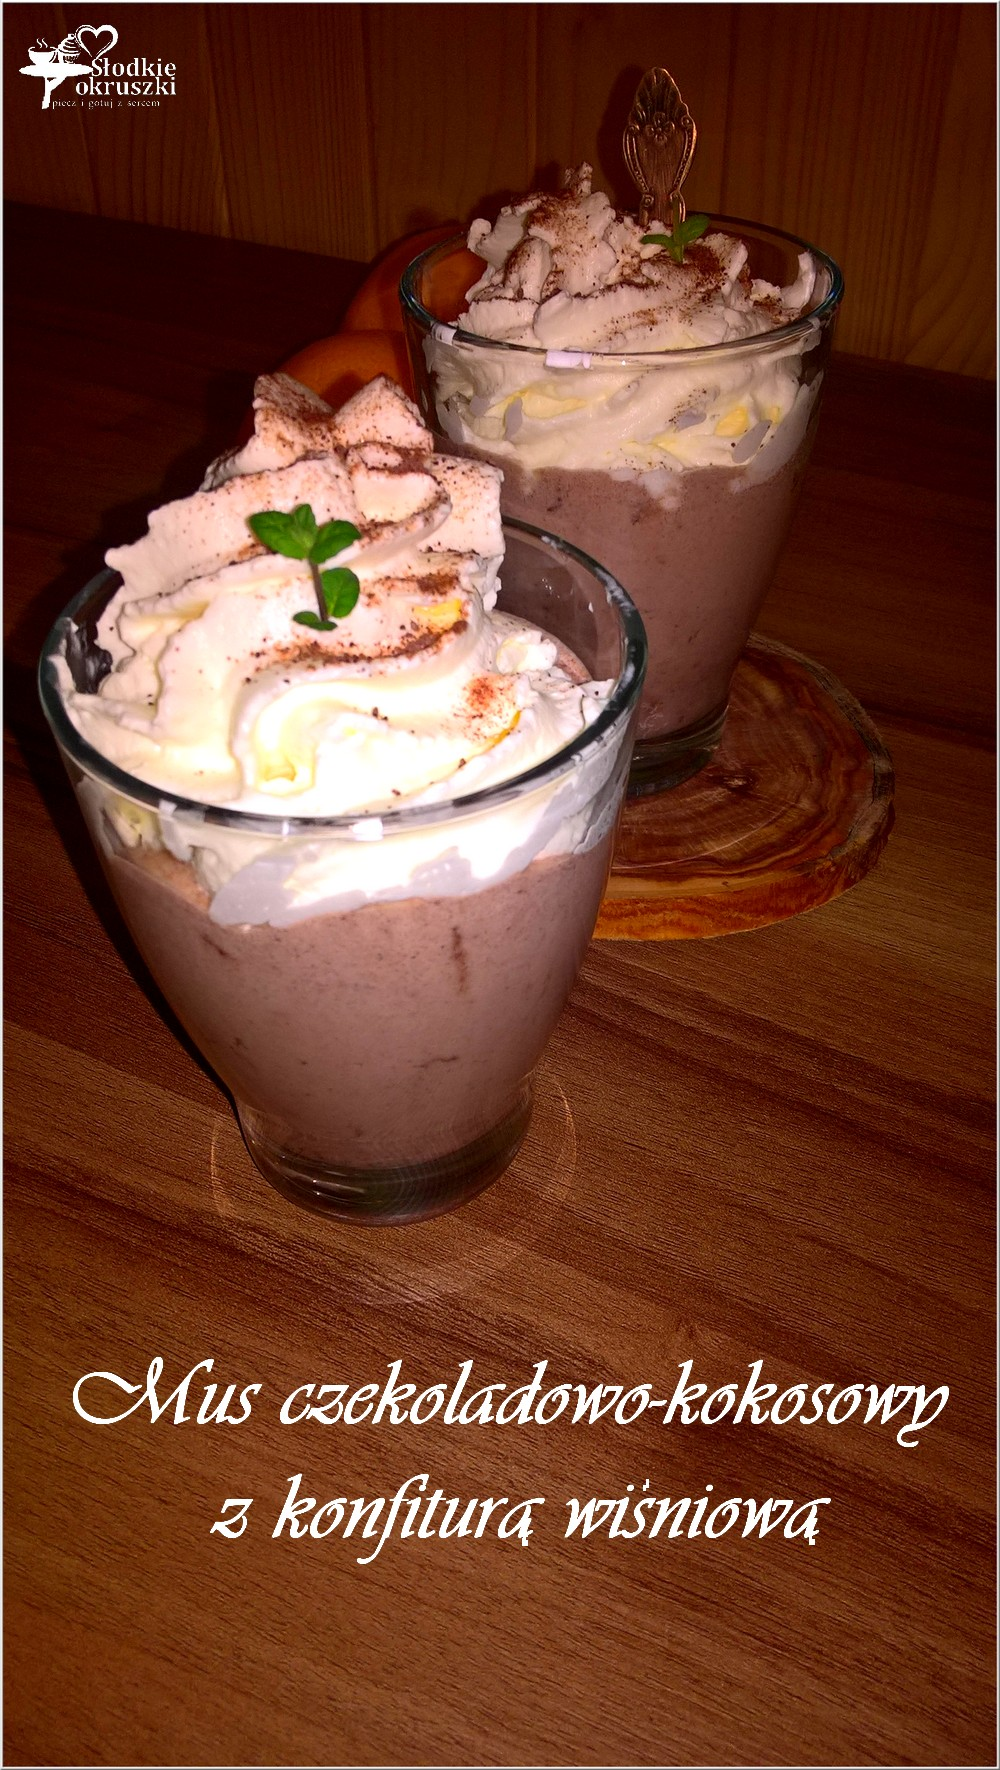 Mus czekoladowo-kokosowy z konfiturą wiśniową 1 (2)